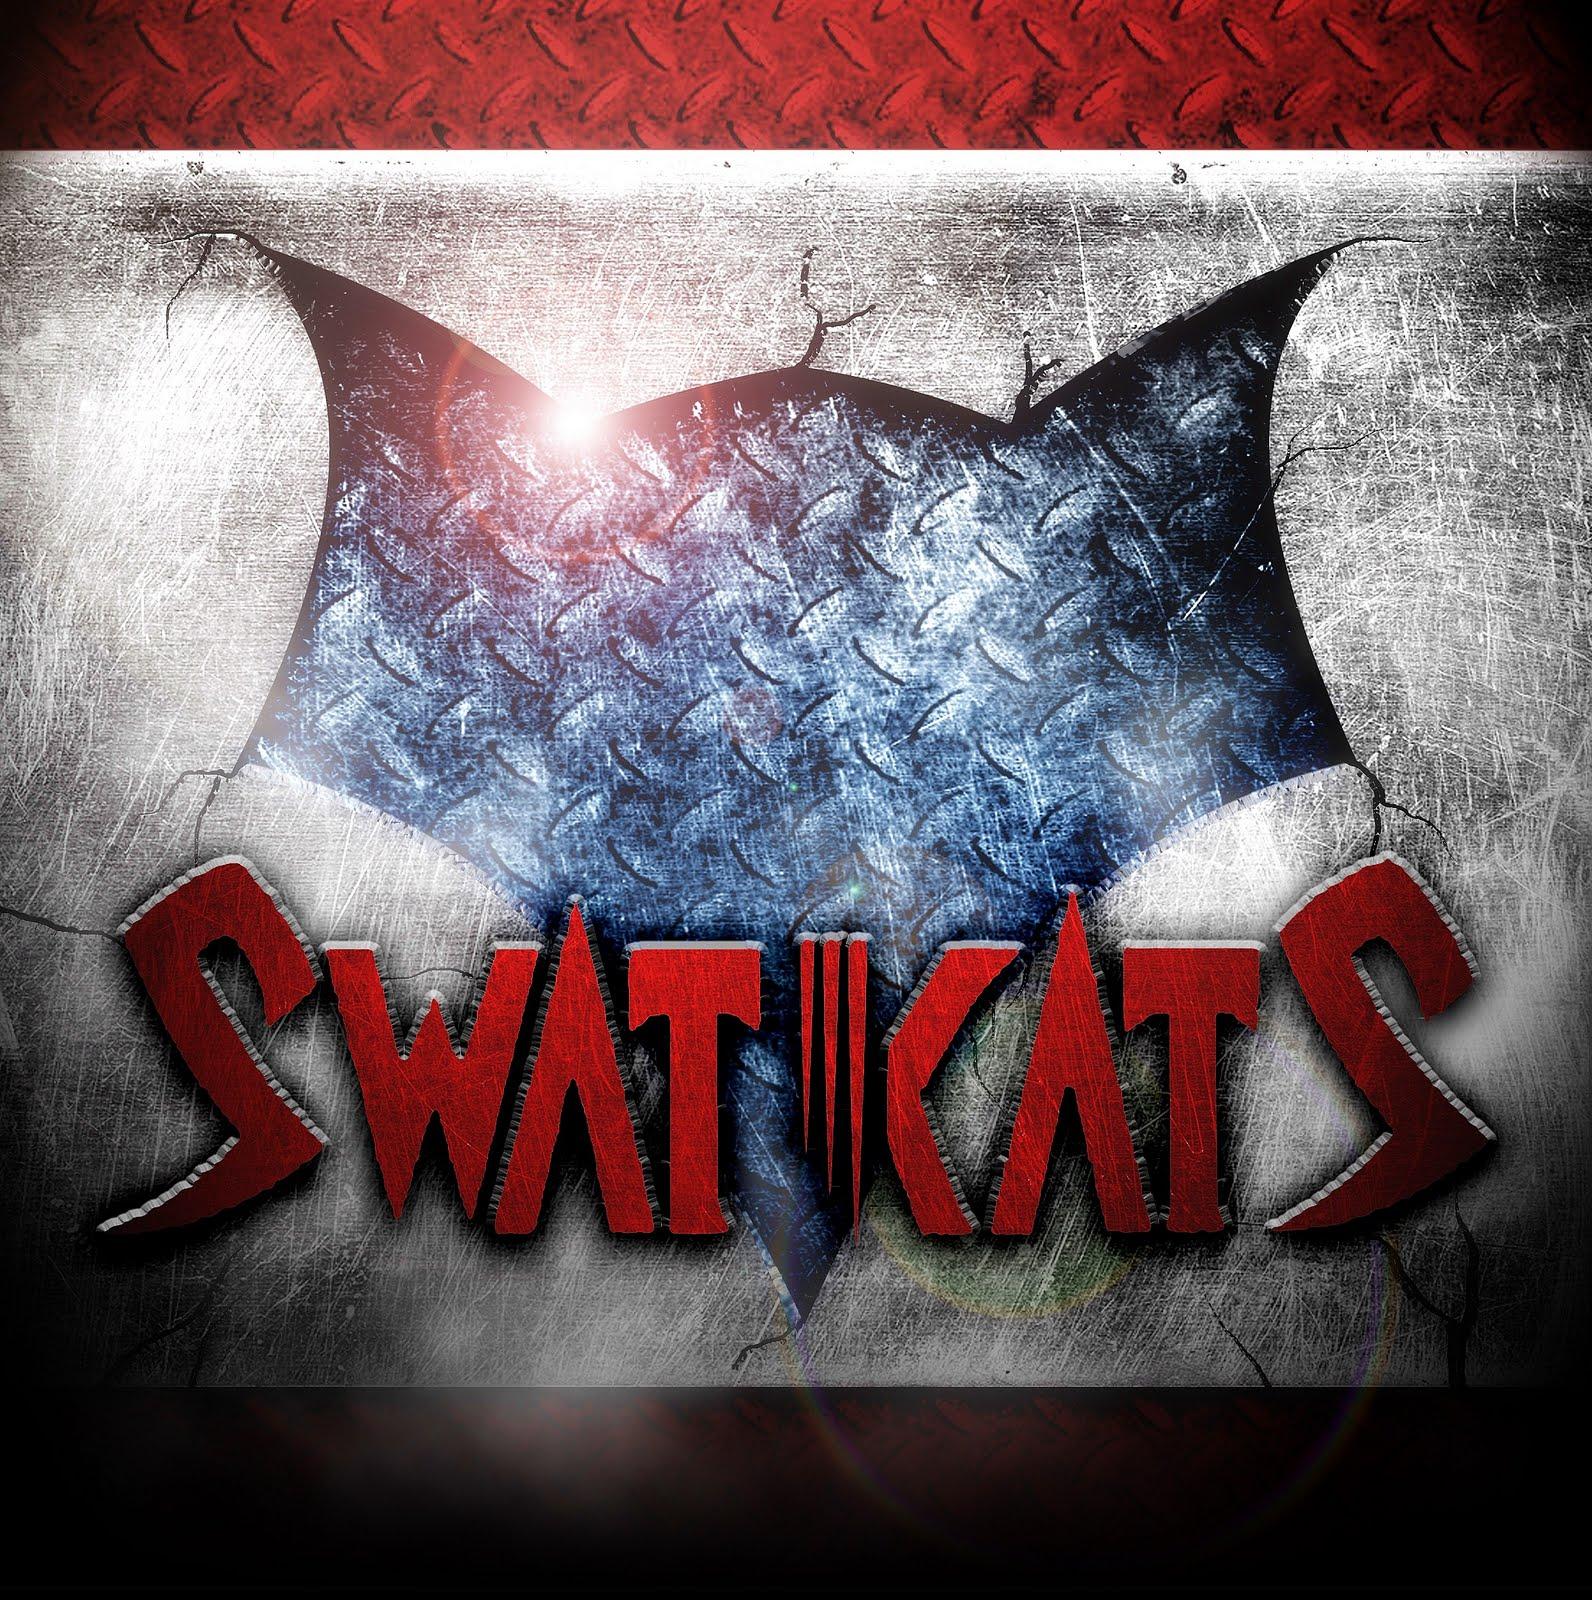 http://4.bp.blogspot.com/-Sey91ZerIlk/Tf9Fj2eV3YI/AAAAAAAAAJo/JW6xQL-KSTY/s1600/Swat-Kats.jpg